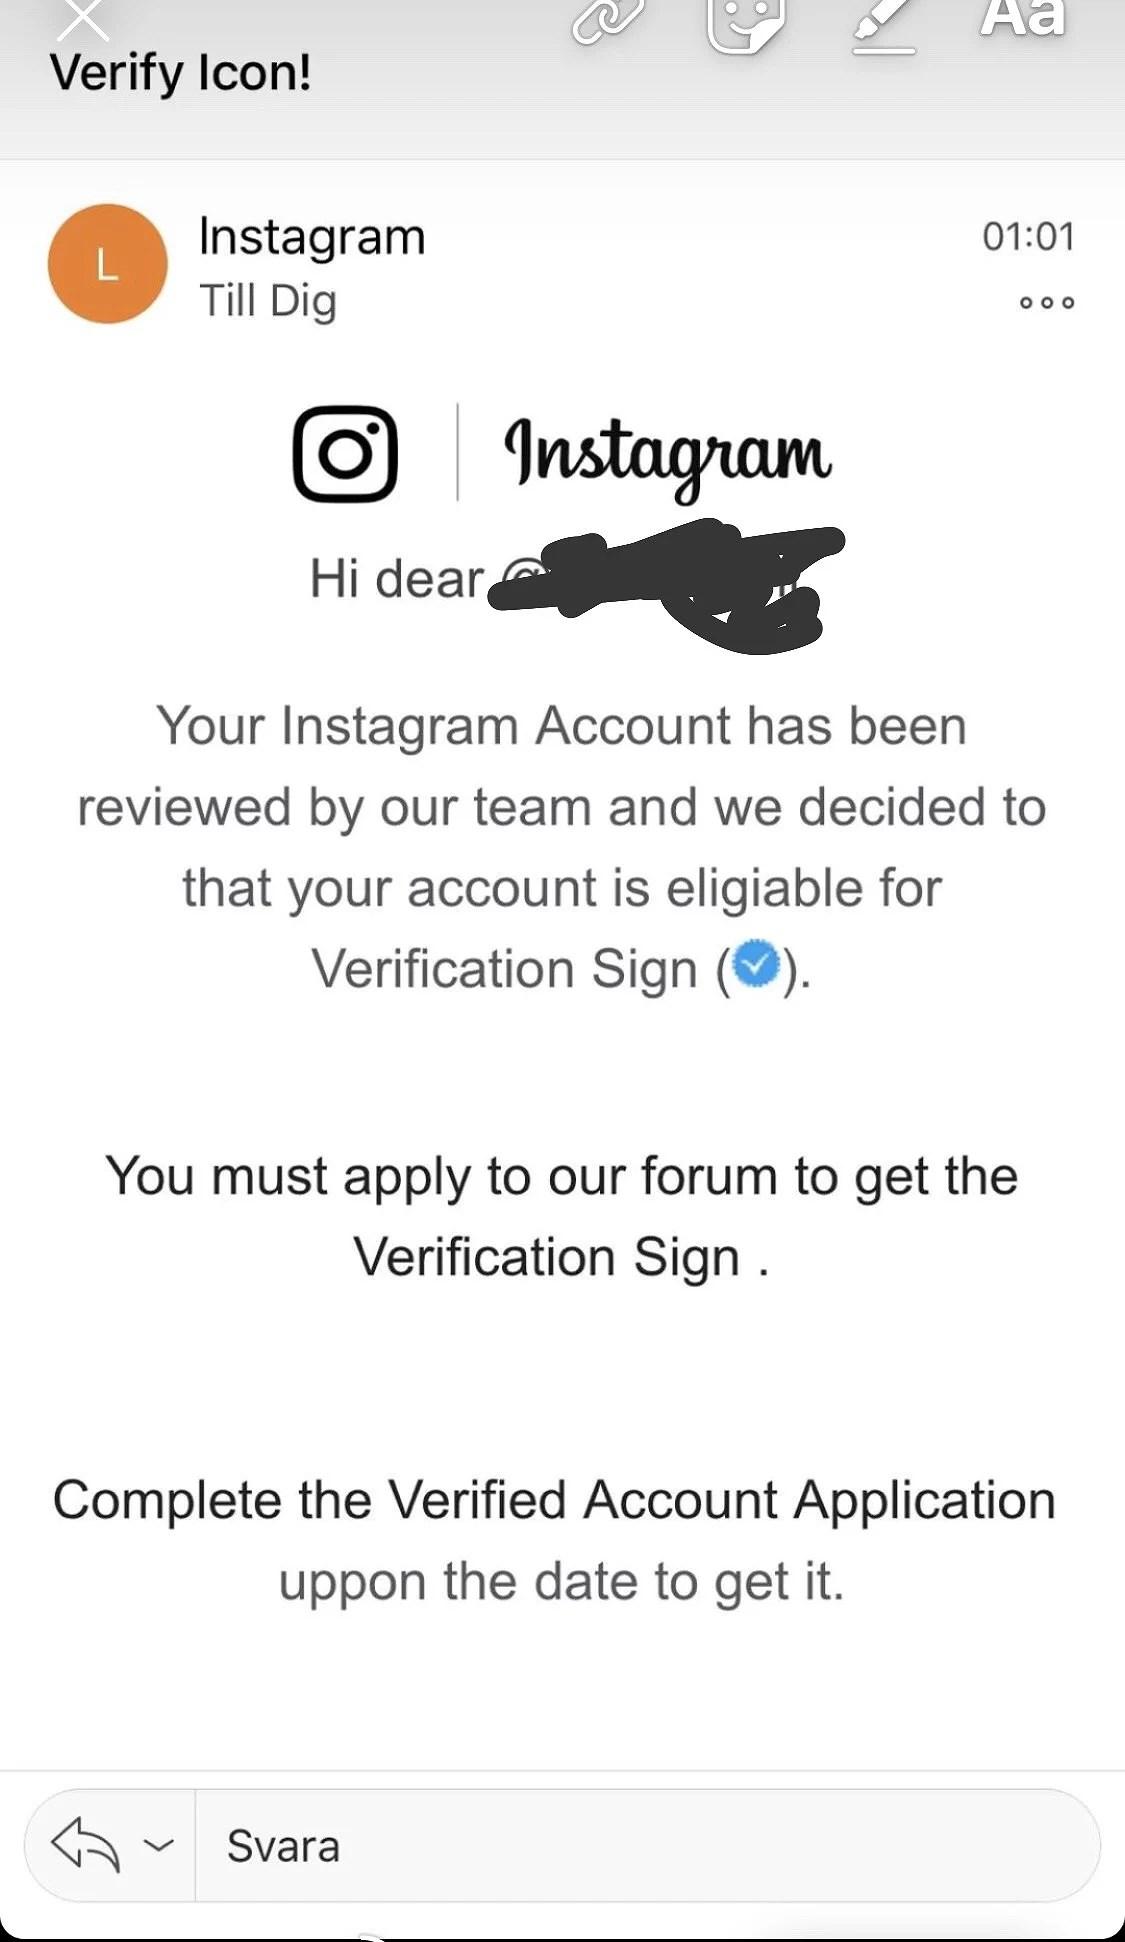 Dom hackar ditt konto!!